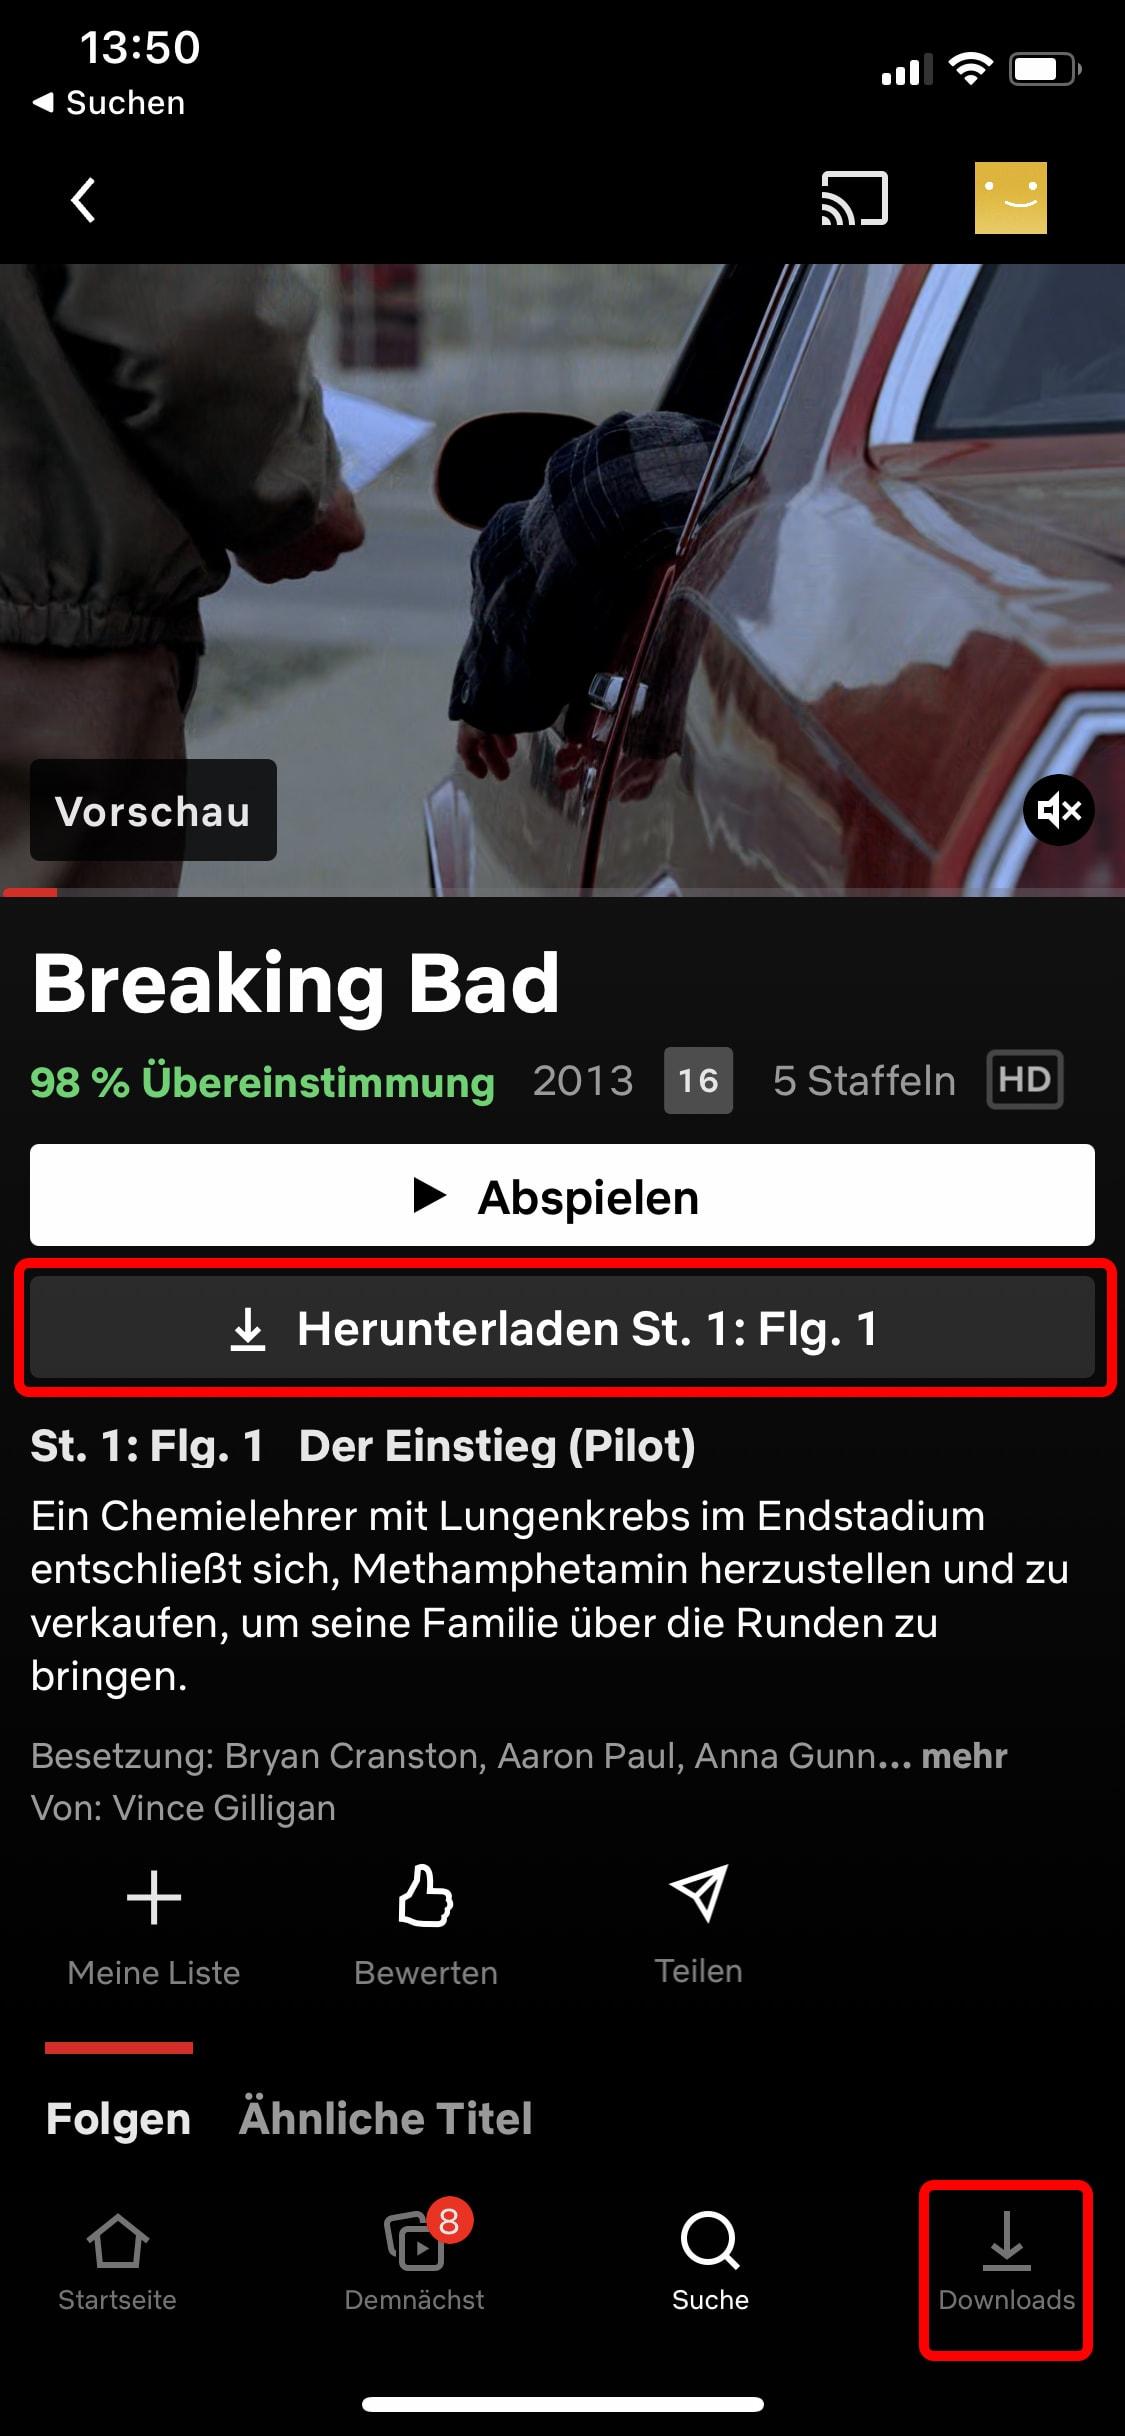 Netflix: Wählen Sie eine Folge oder einen Film aus und laden Sie das Video dann über